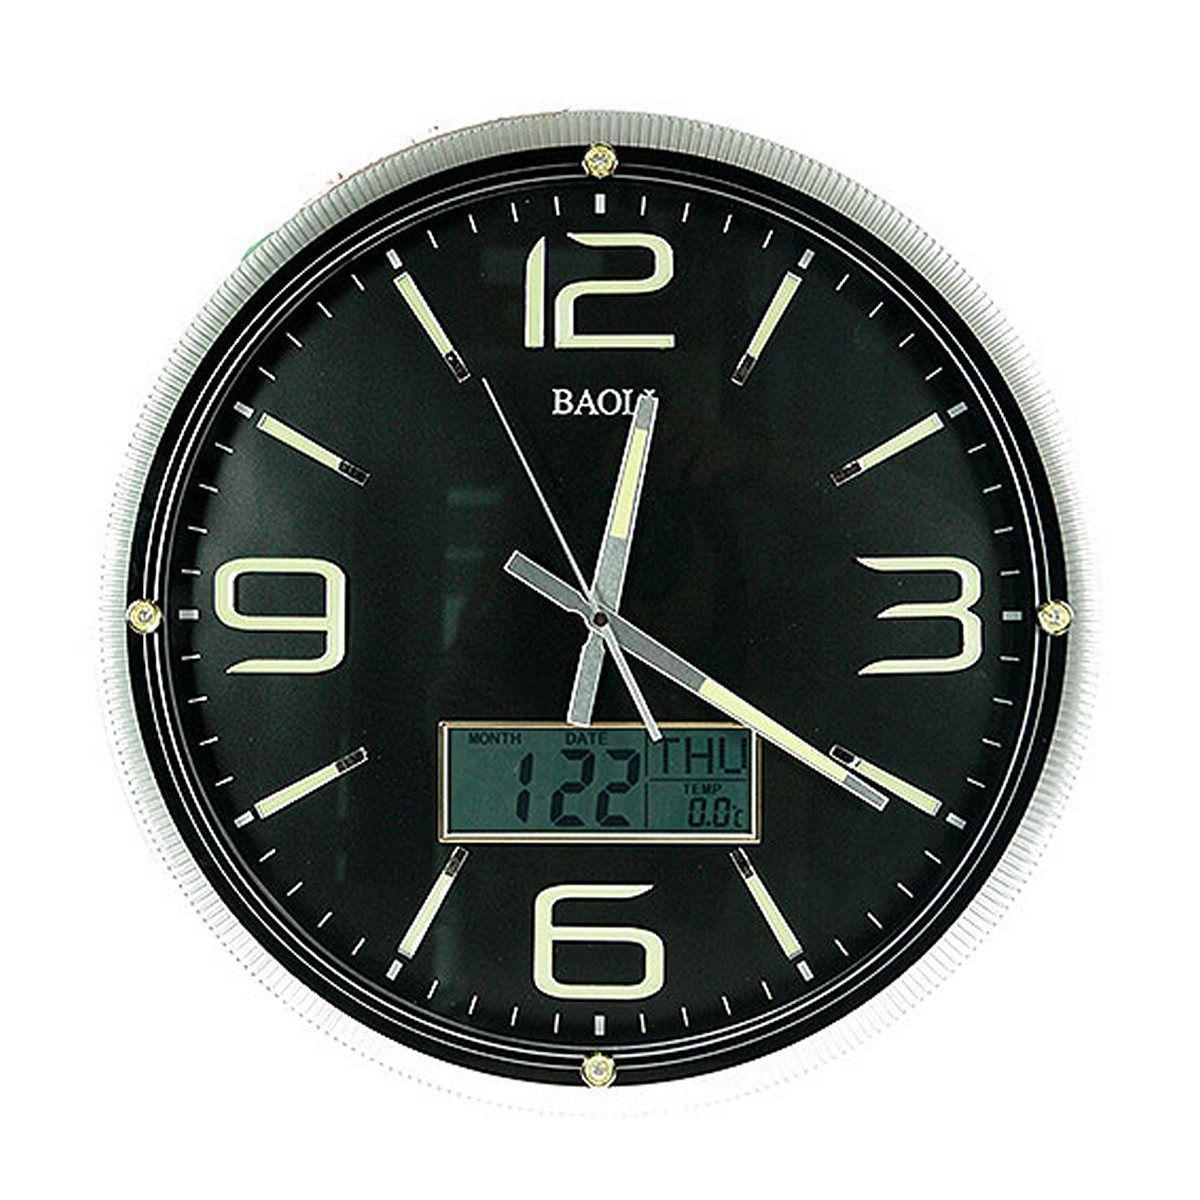 """Часы настенные """"Русские Подарки"""", с календарем, термометром, электронными часами, диаметр 42 см. 148120"""